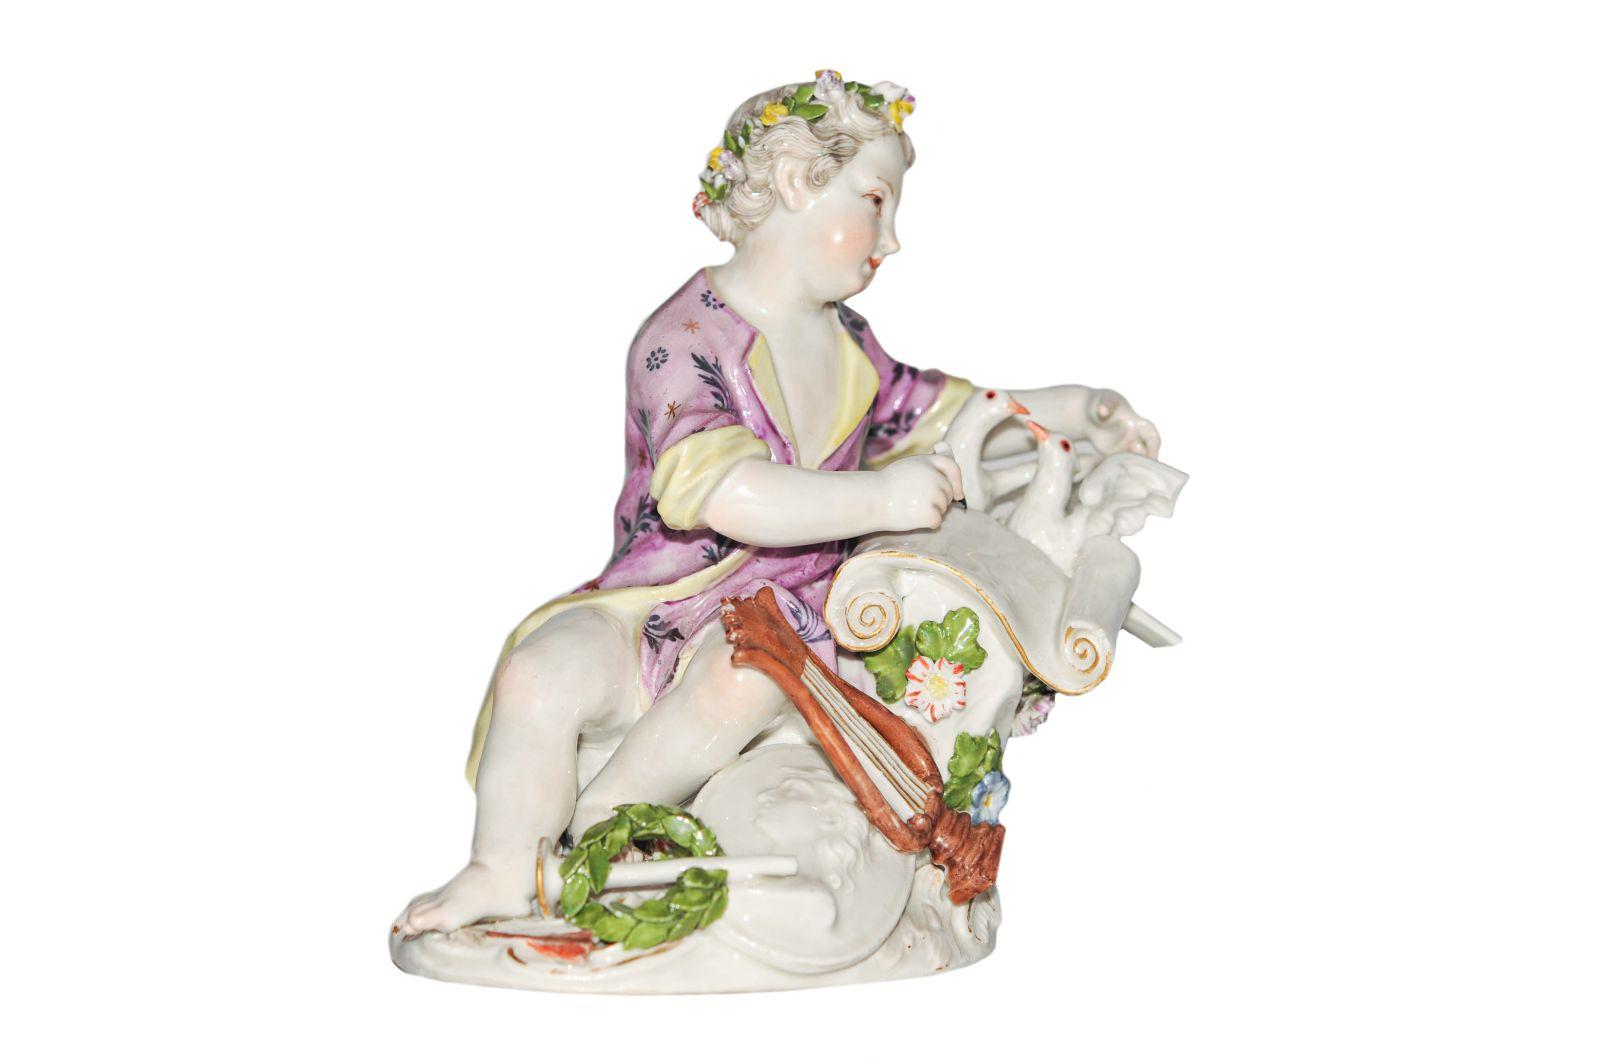 #178 Boy with pigeons Meissen 1750 | Knabe mit Tauben Meissen 1750 Image